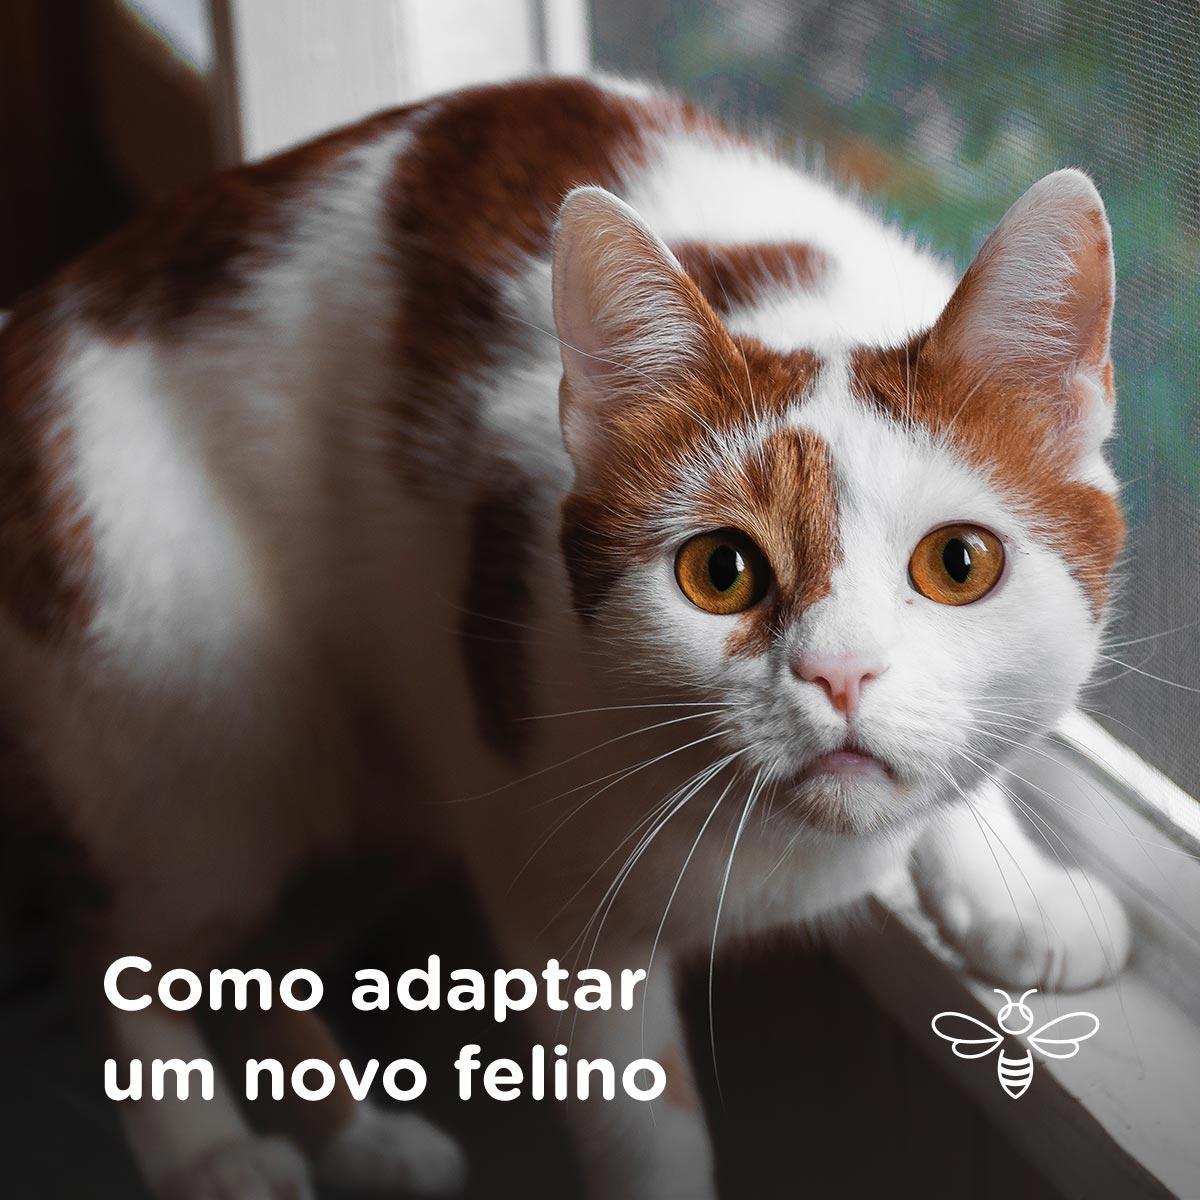 Como adaptar um novo felino